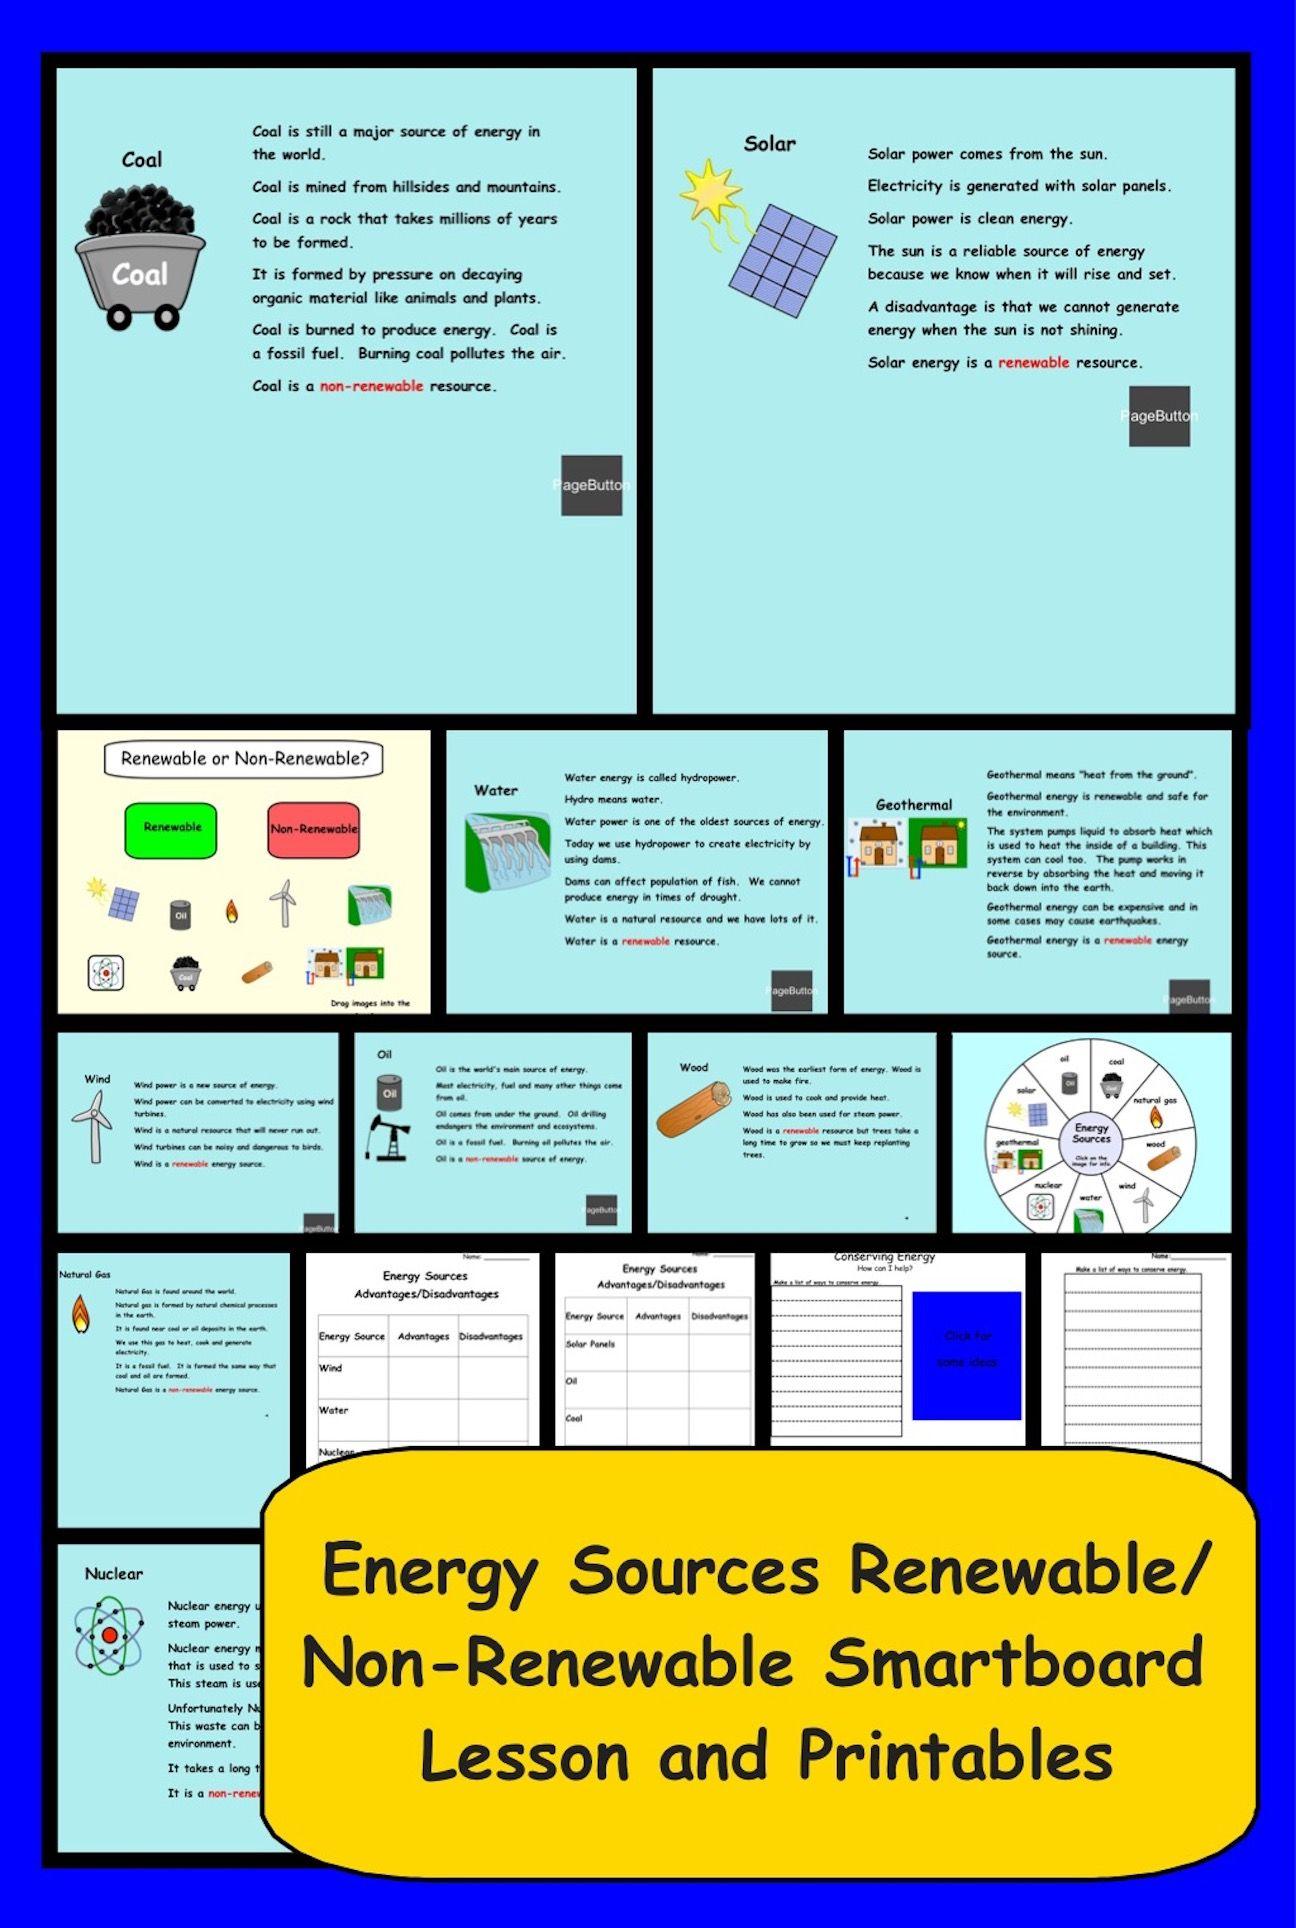 Energy Sources Renewable Non Renewable Smartboard Lesson